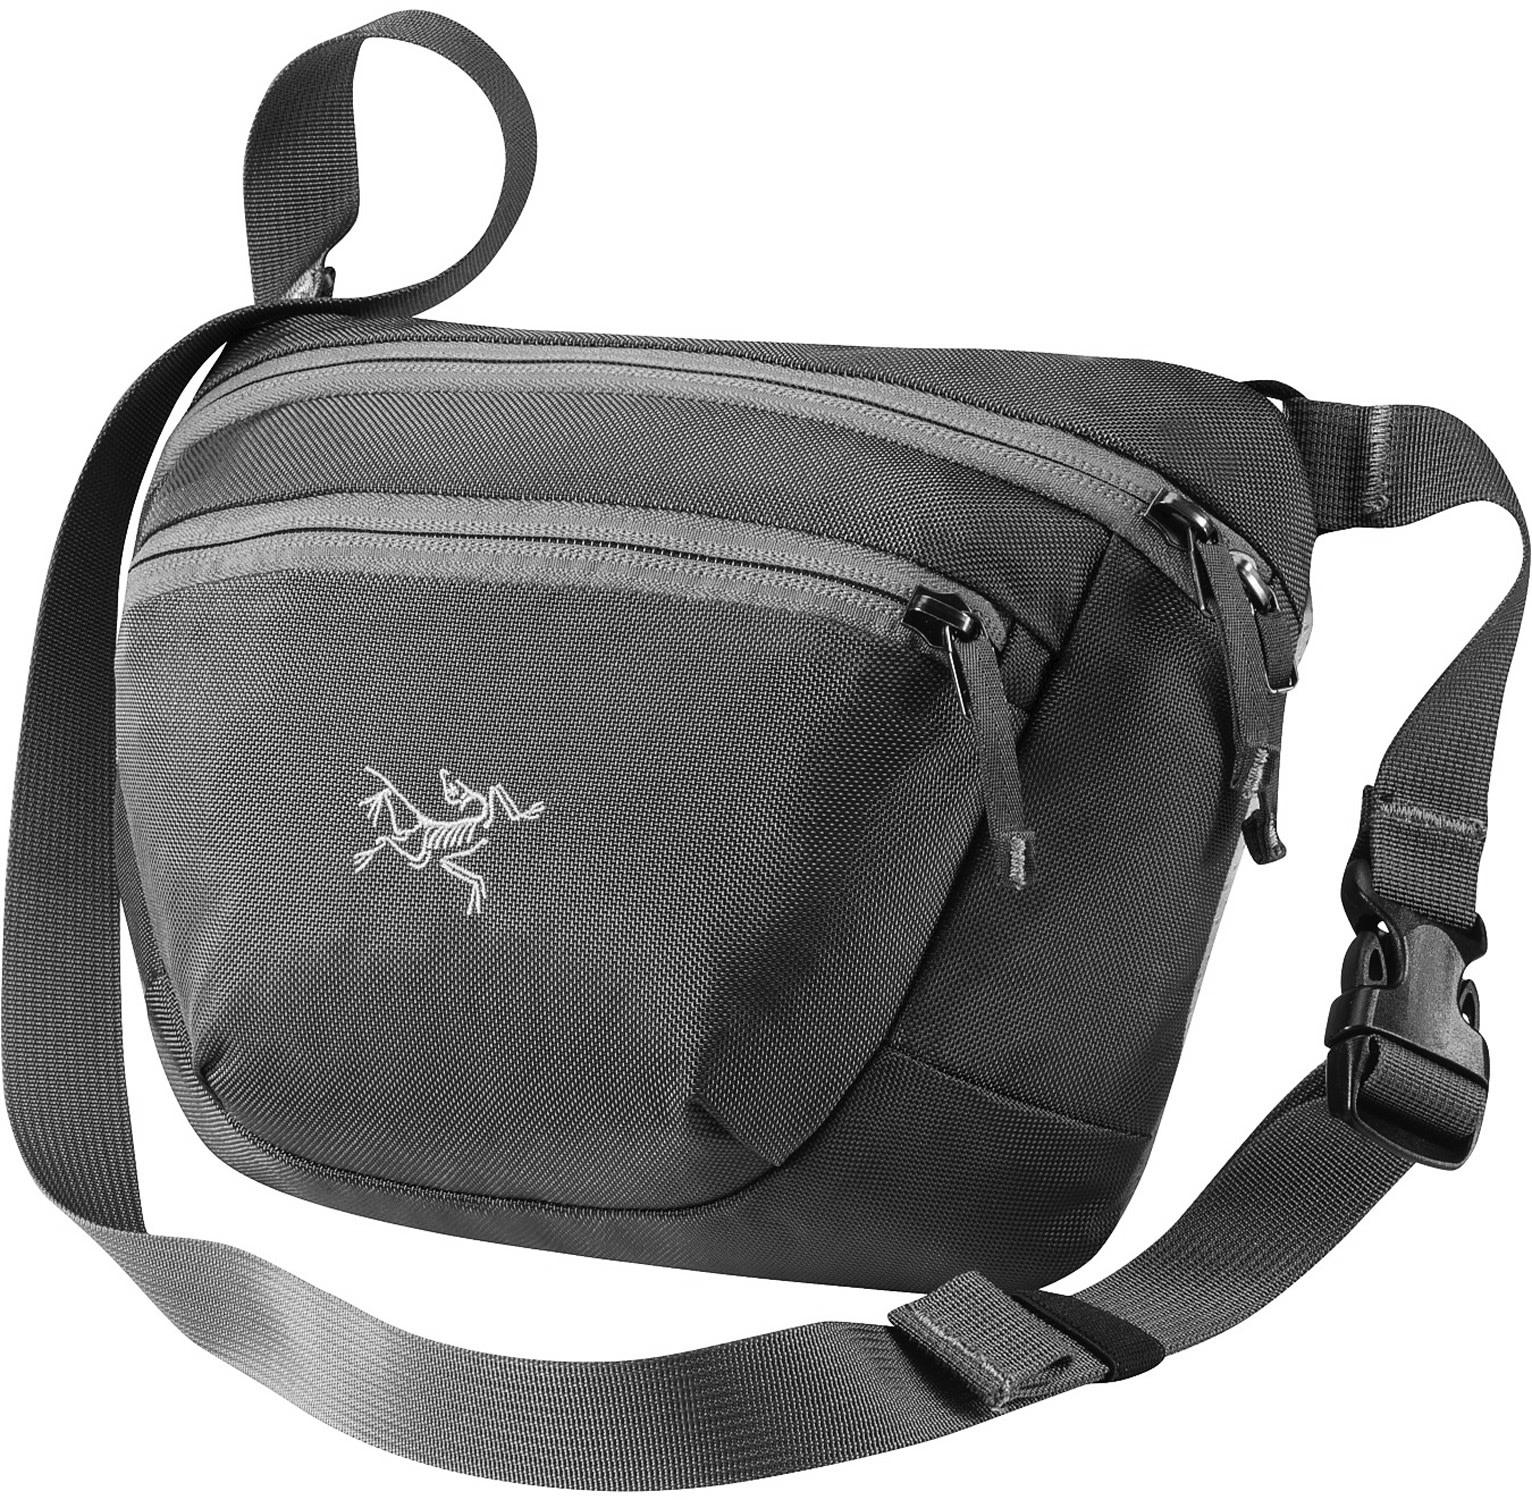 Image of Arc'teryx Maka 2 Waistpack